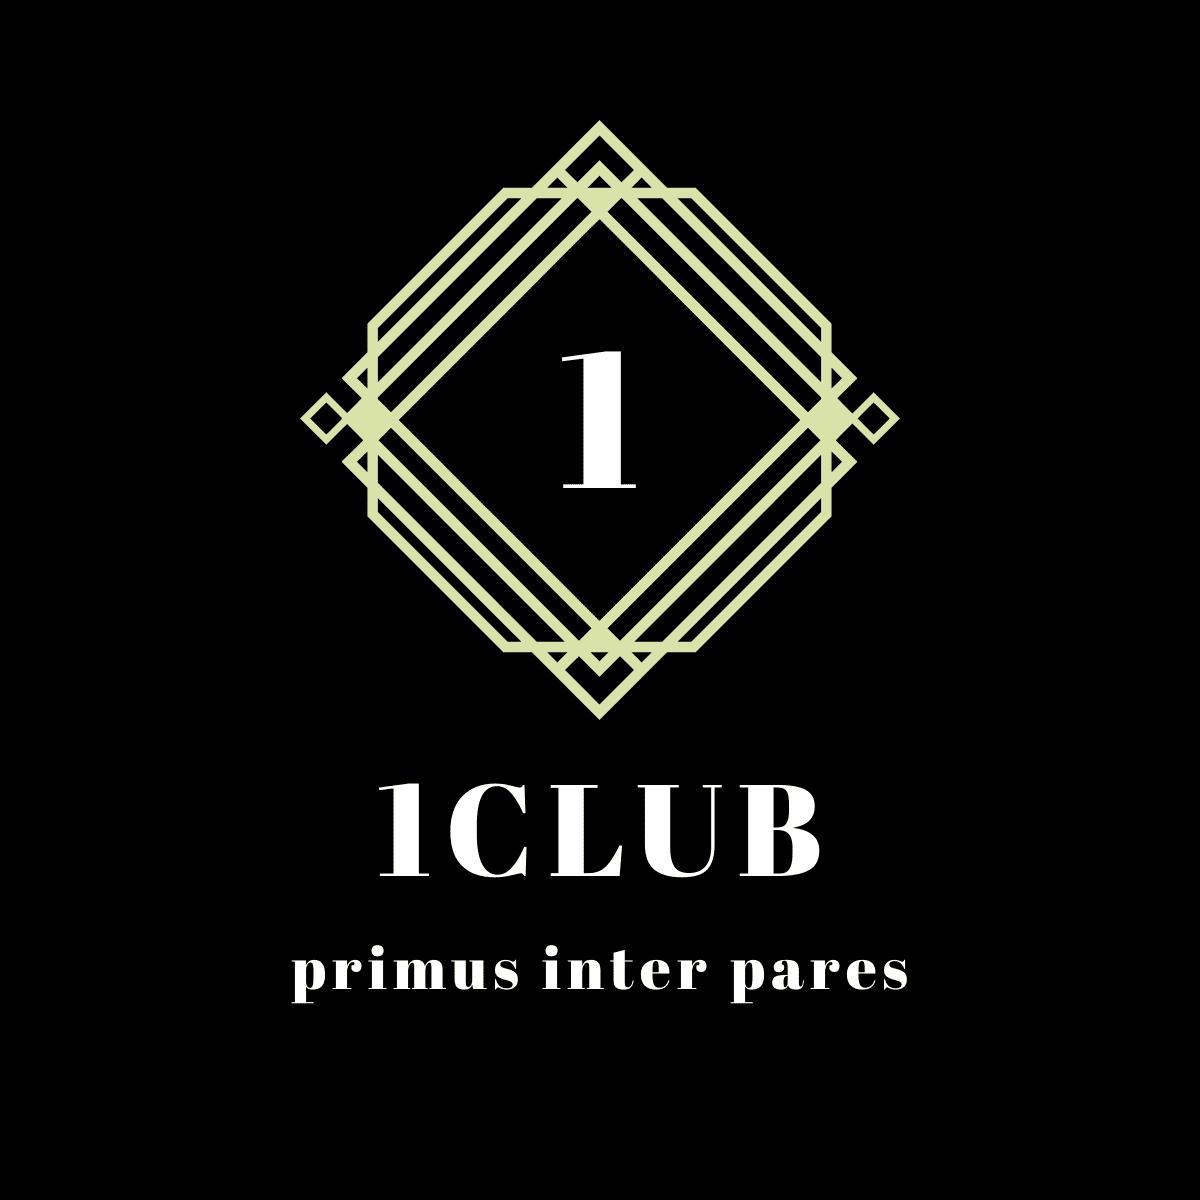 Логотип делового клуба фото f_4195f8712ce837f5.png